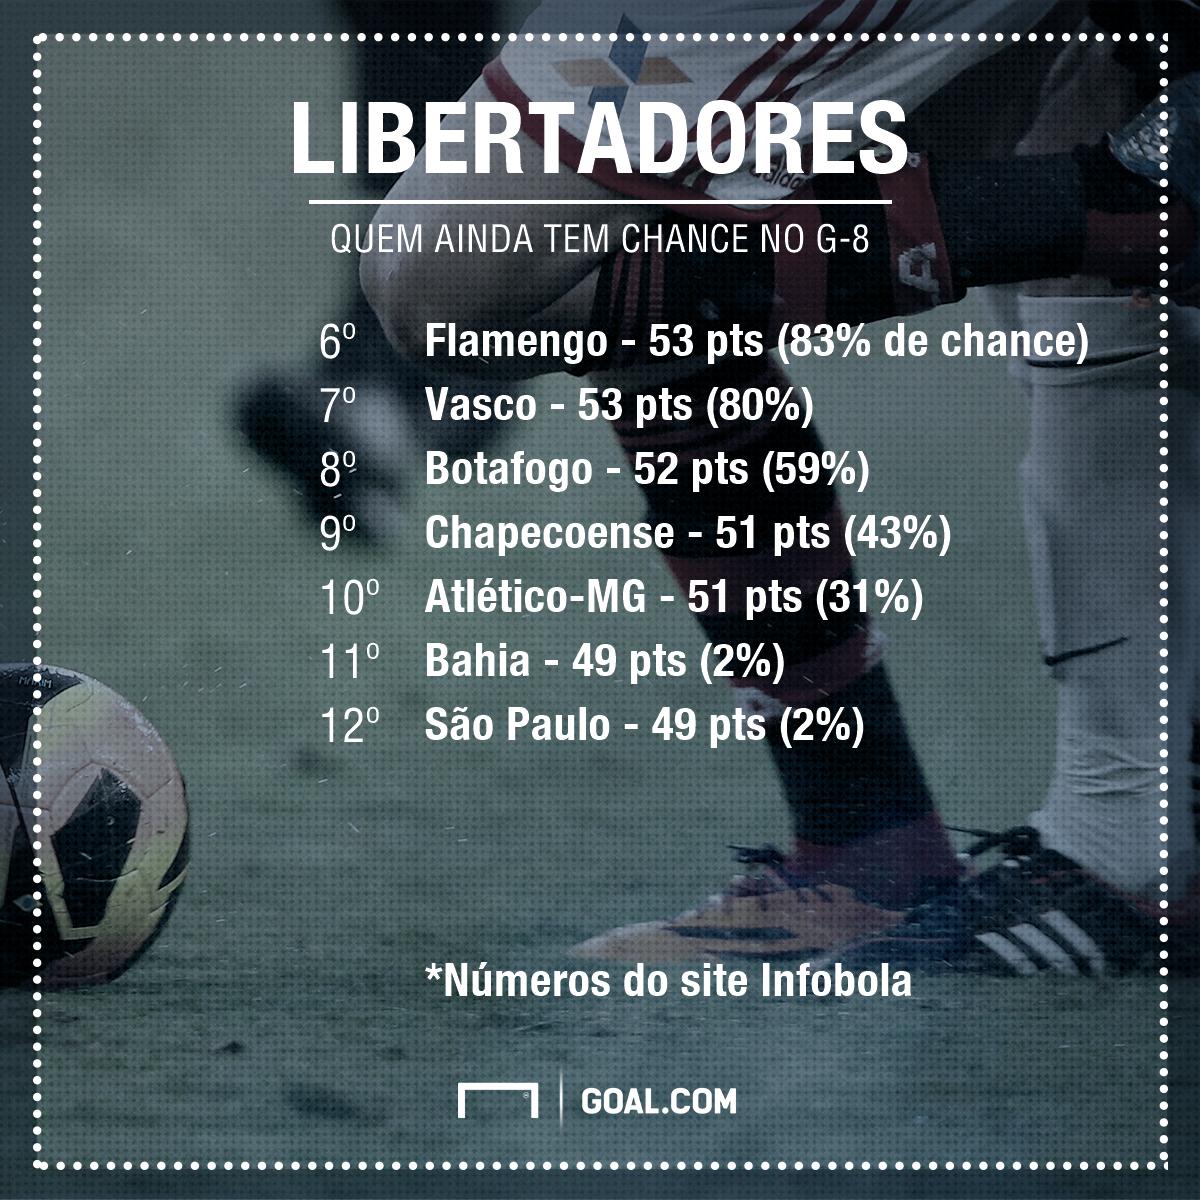 GFX Libertadores G8 chances